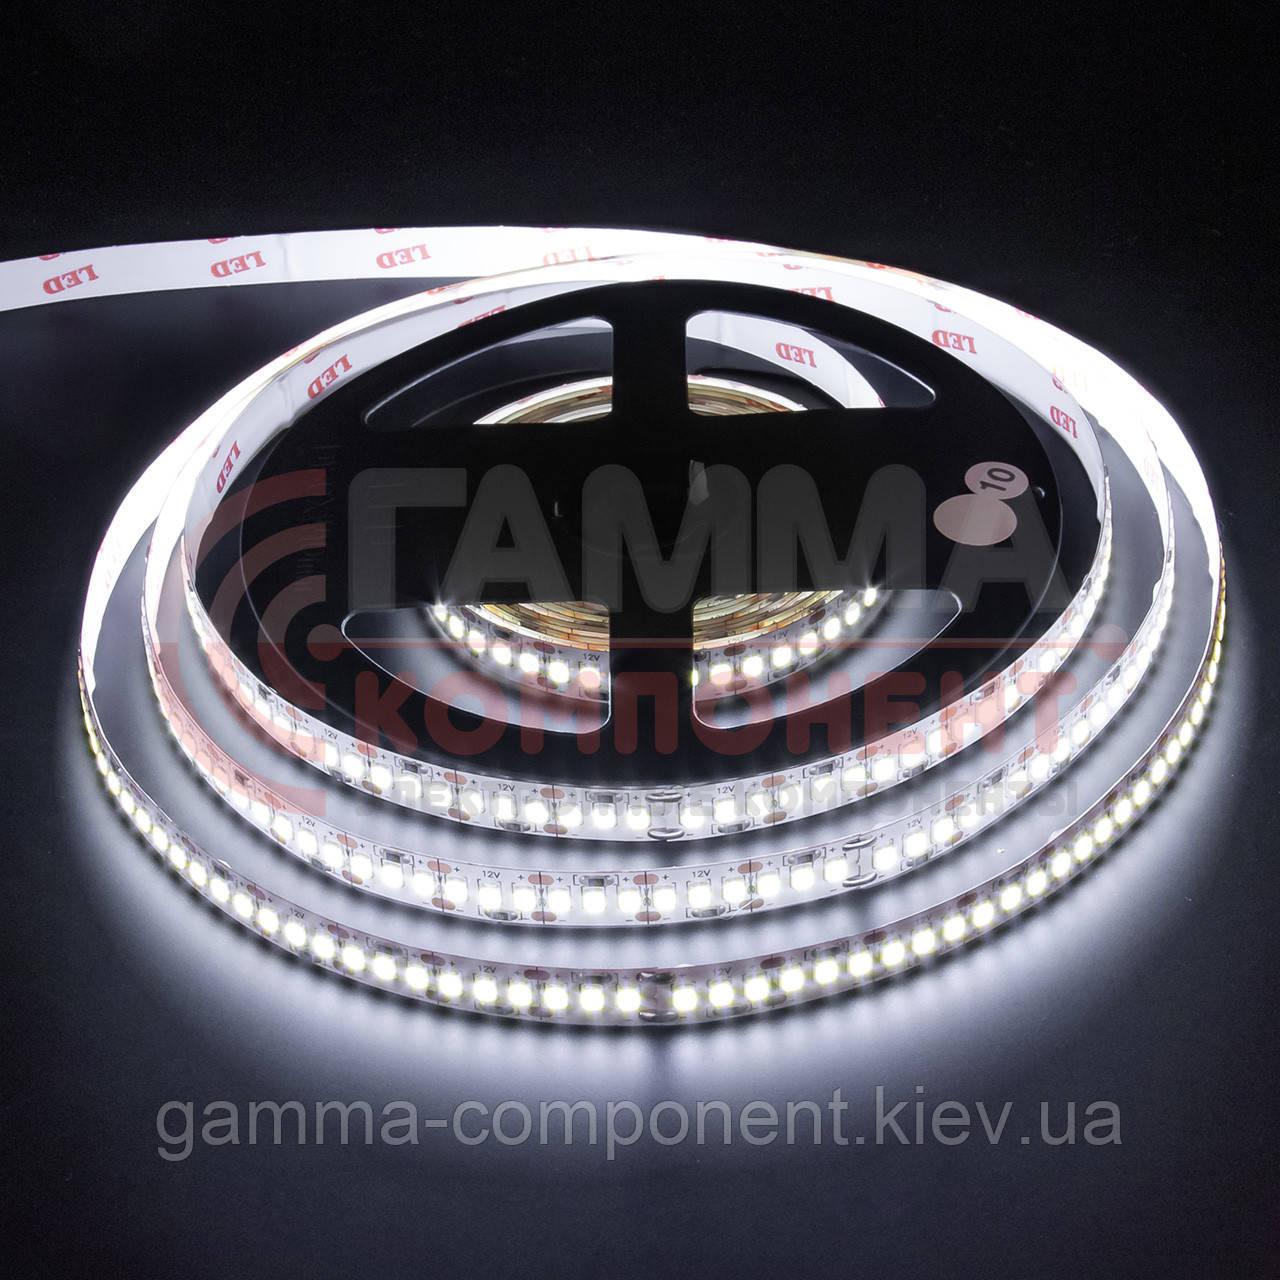 Светодиодная лента AVT PROFESSIONAL SMD 3014 (204 LED/м), IP20, 12В - бобины от 5 метров